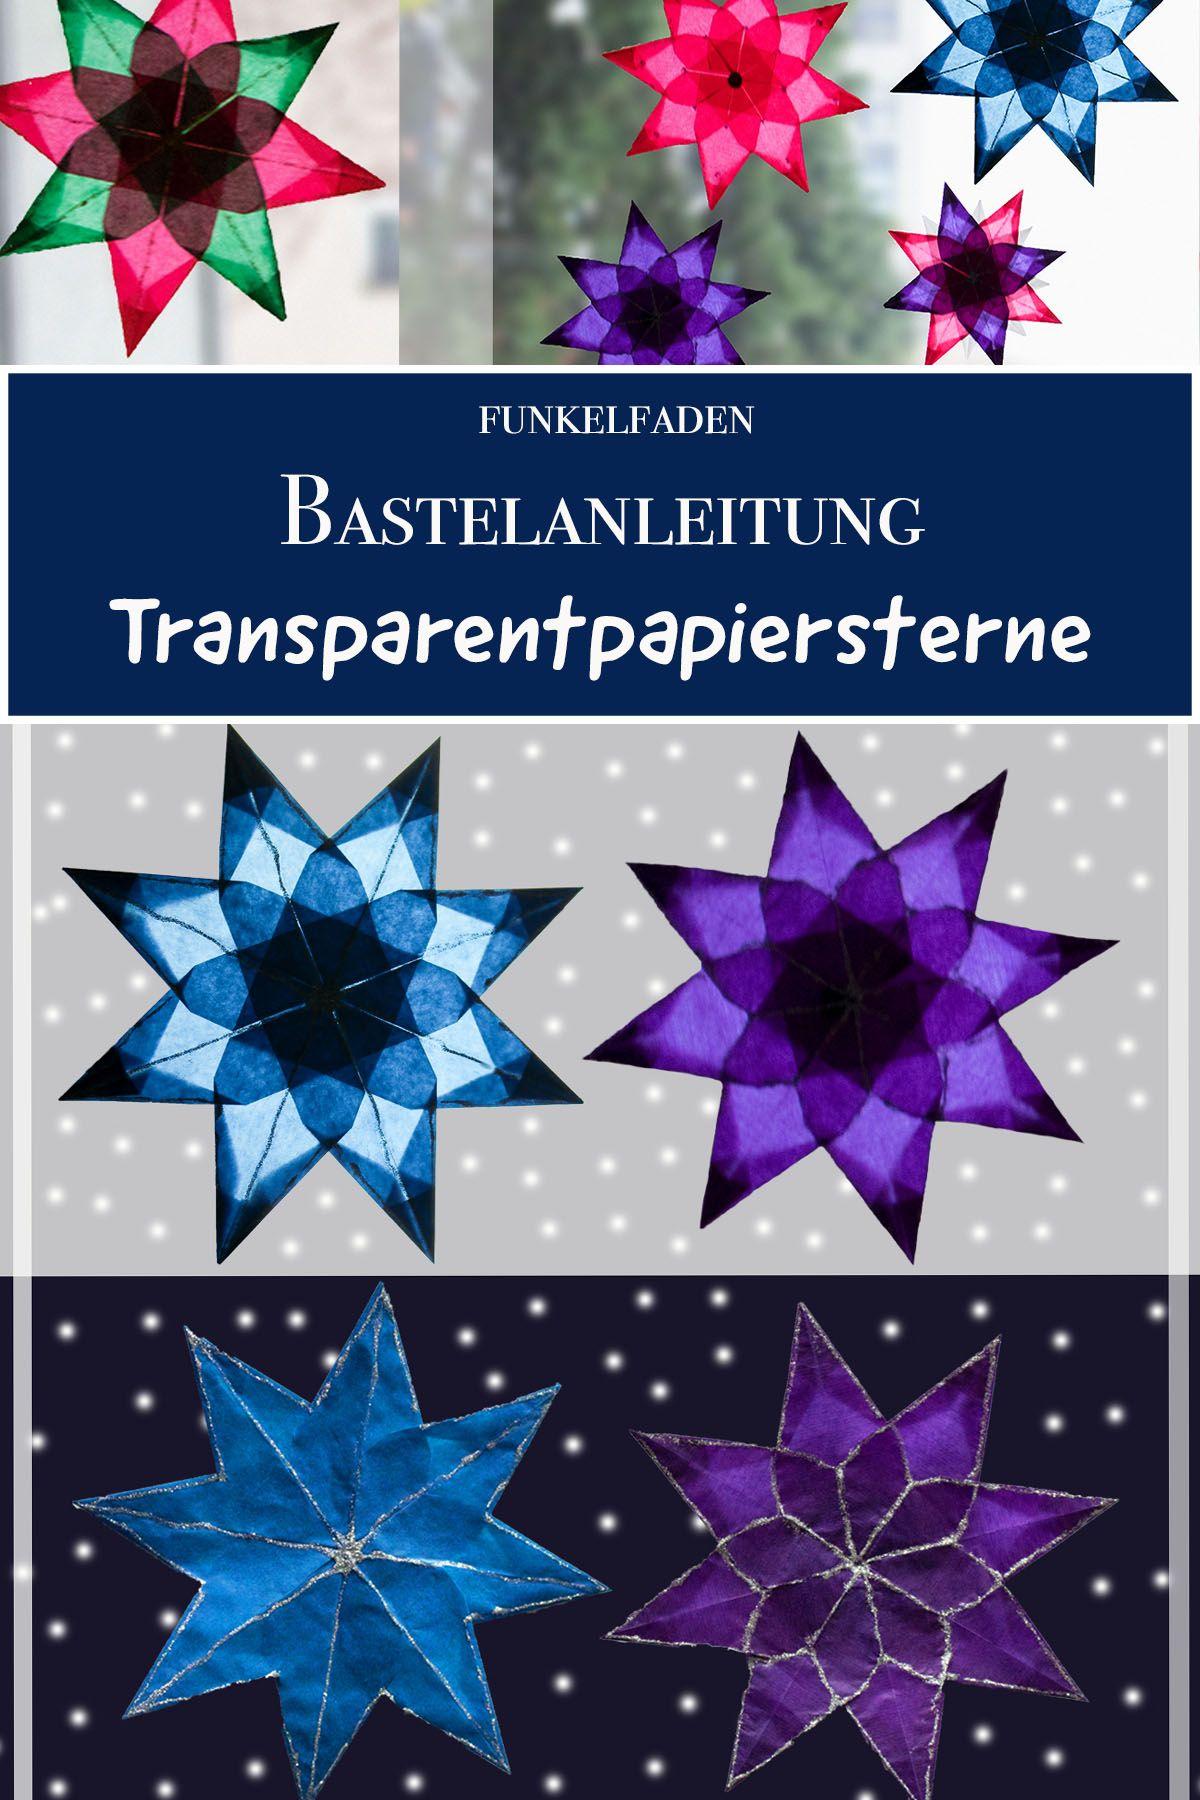 Anleitung - Sterne aus Transparentpapier basteln mit Kindern #weihnachtenbastelnmitkindern